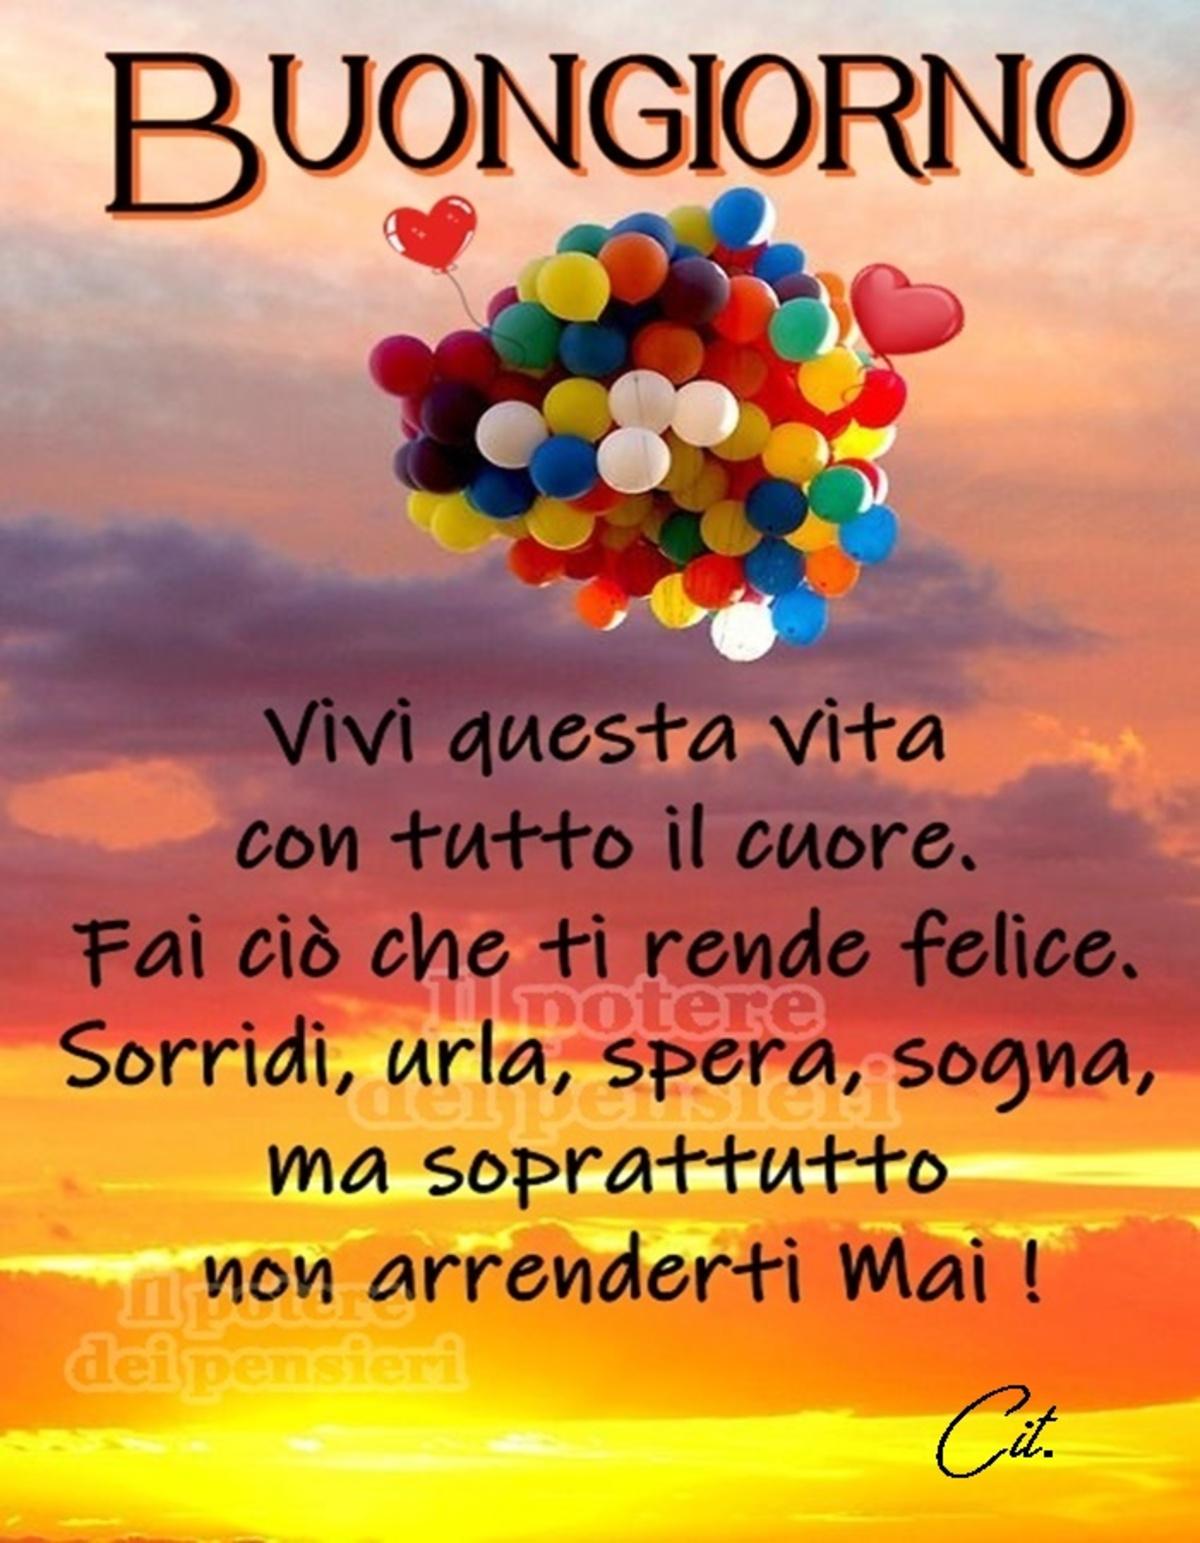 Buongiorno. Vivi questa vita con tutto il cuore. Fai ciò che ti rende felice. Sorridi, urla, spera, sogna, ma soprattutto non arrenderti mai!